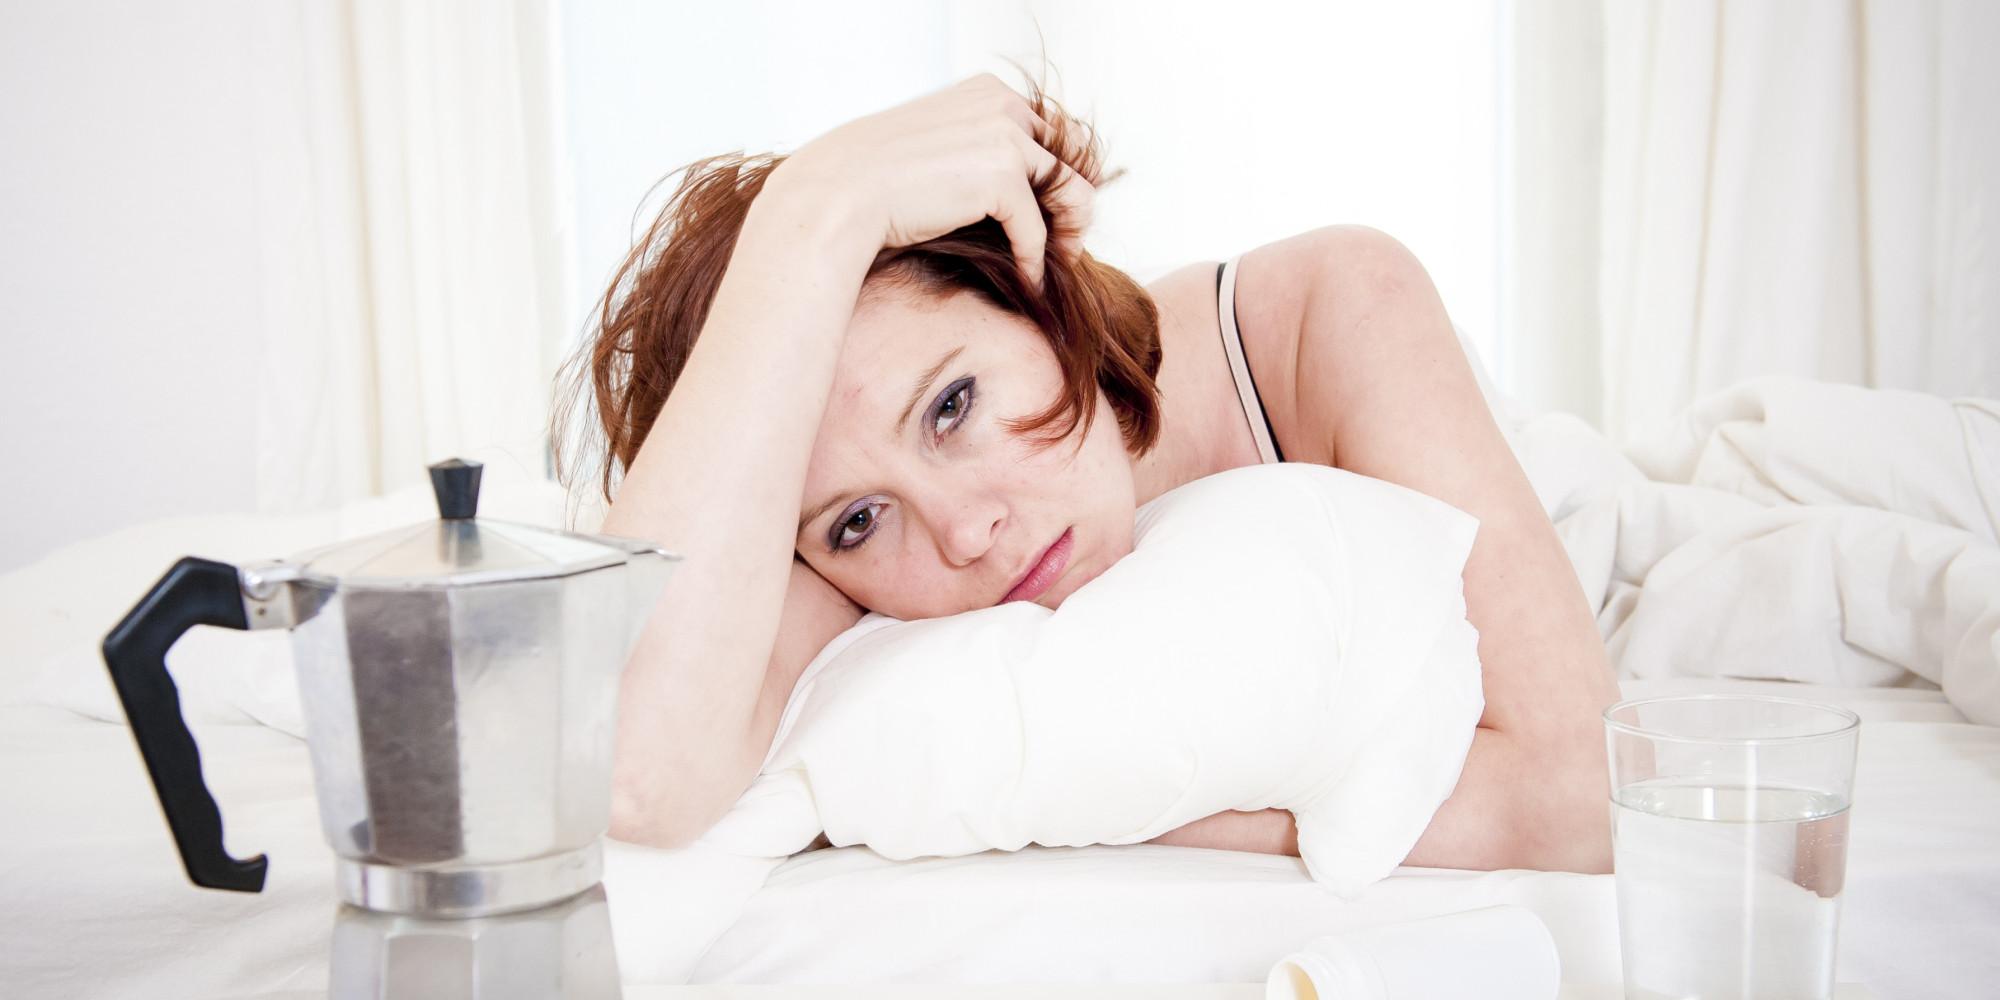 Как сделать чтобы на утро не пахло перегаром